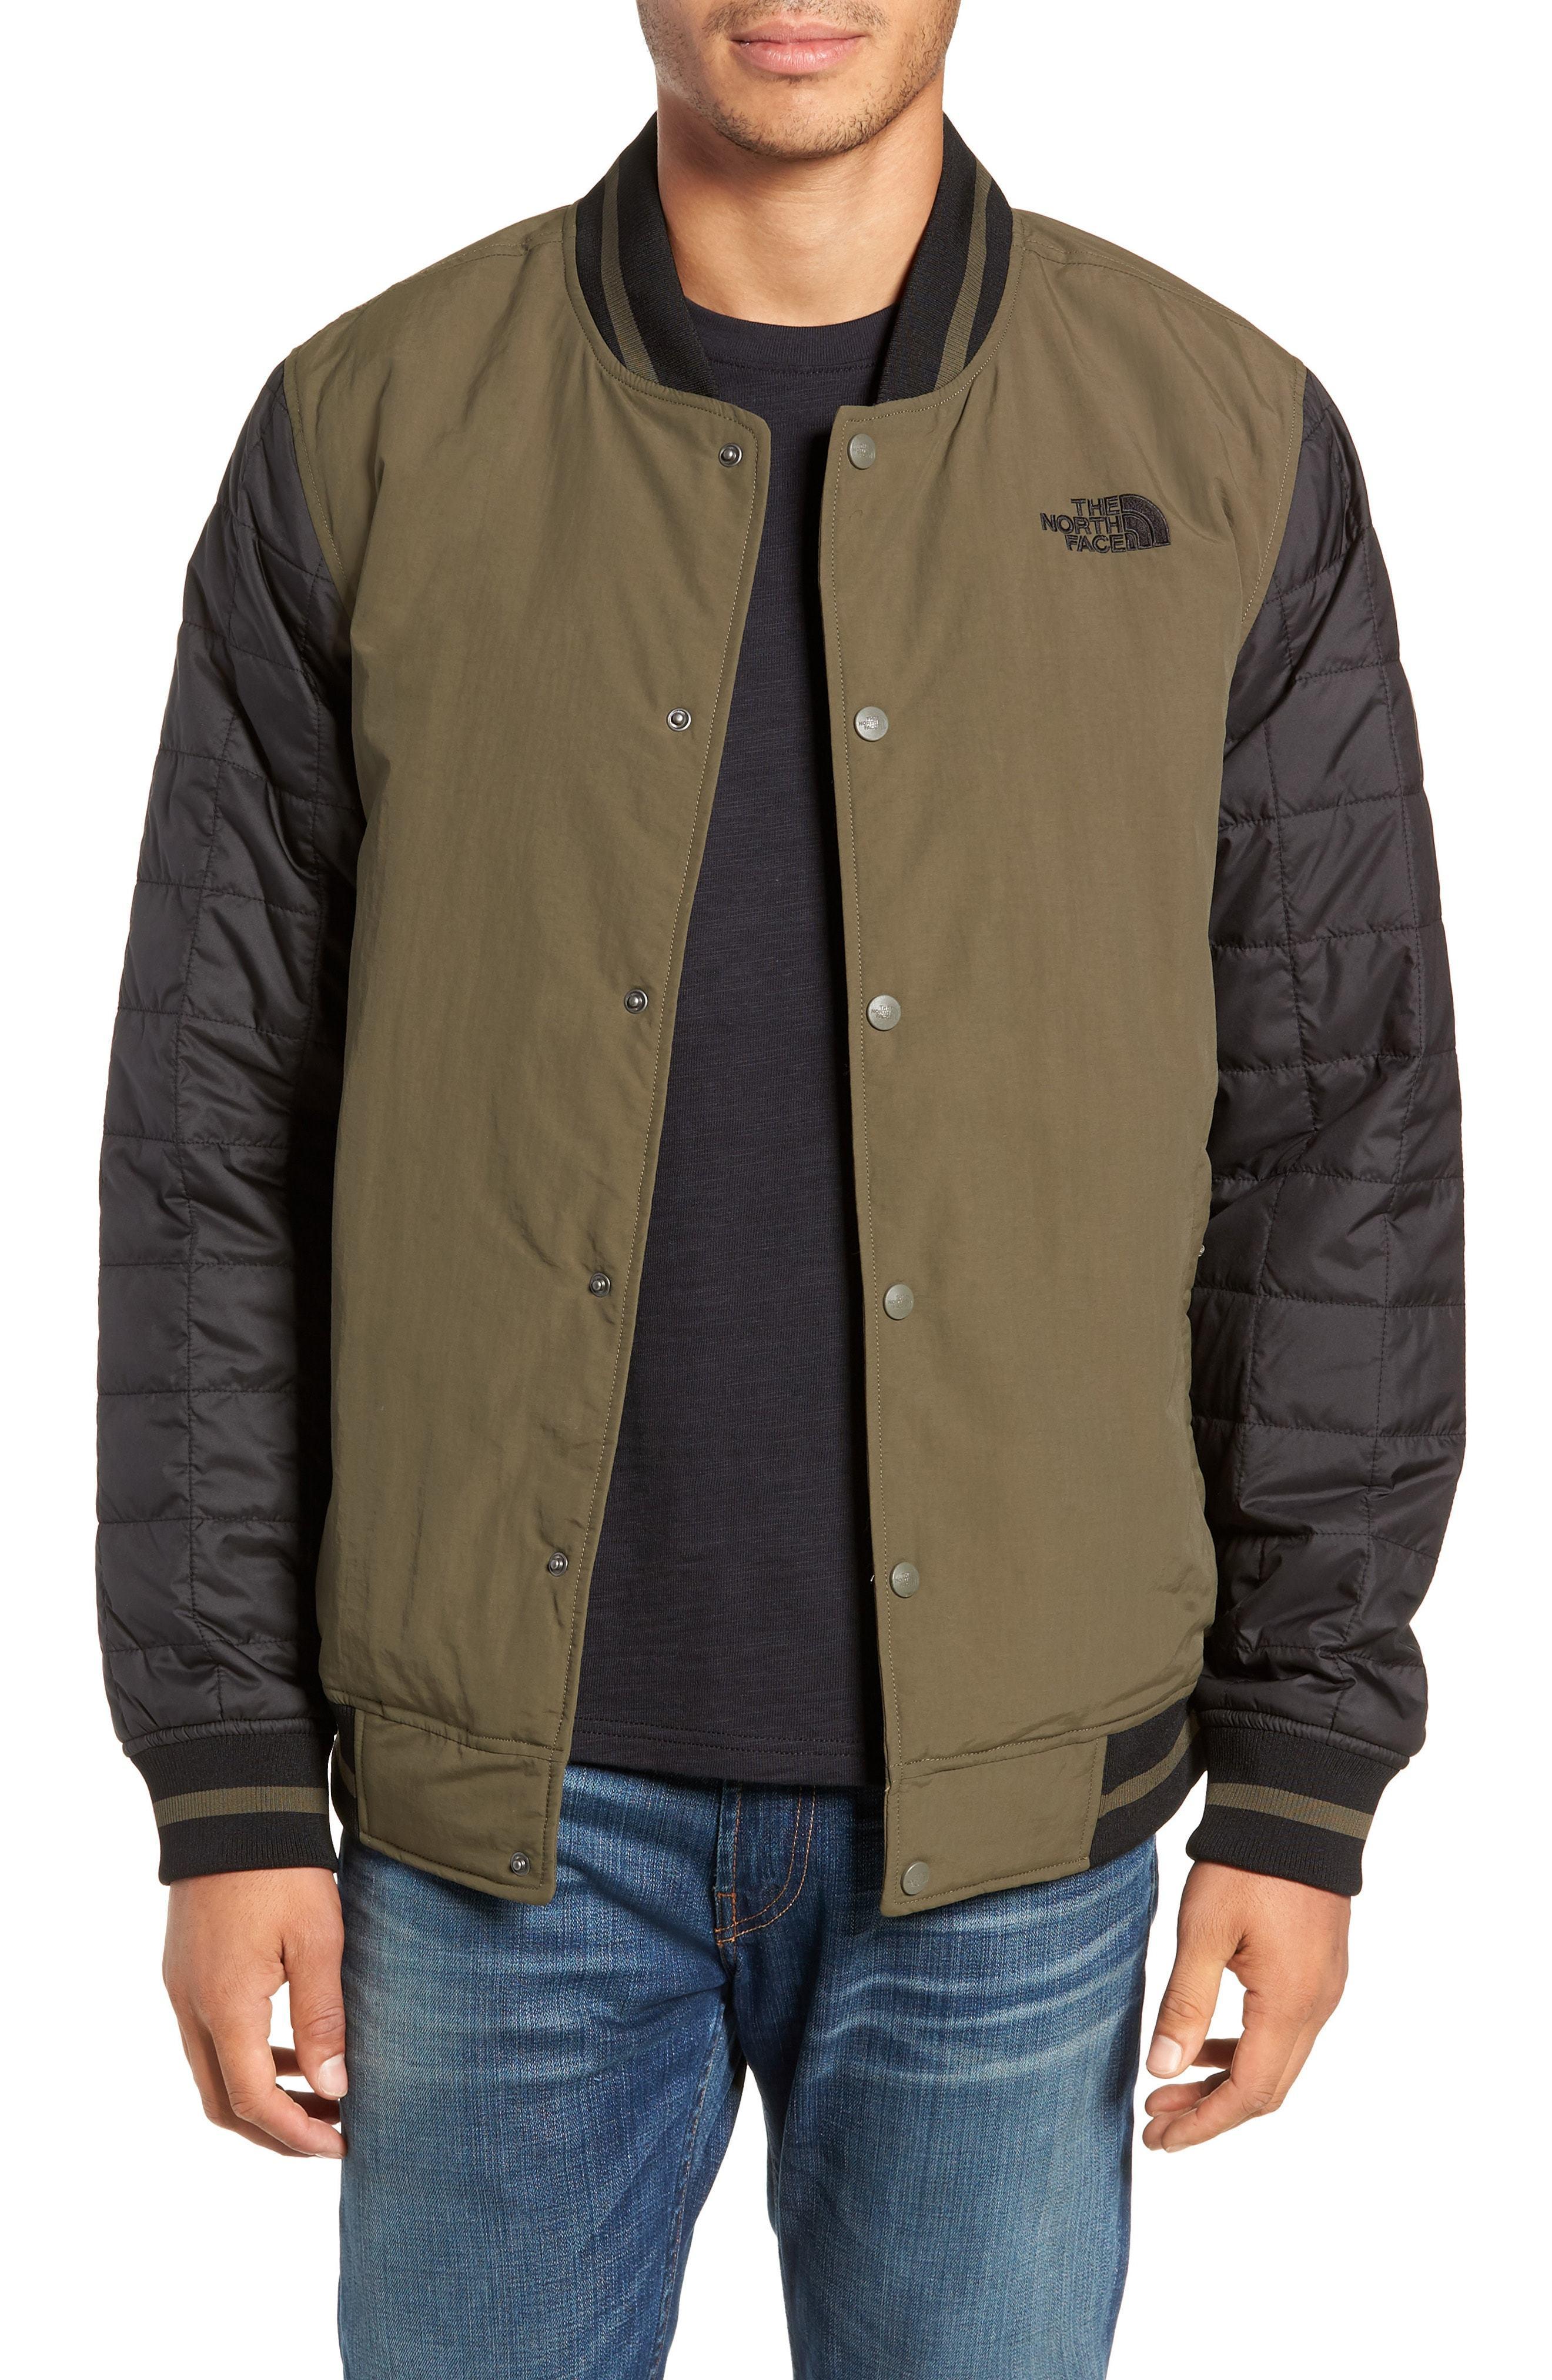 228de2f21 Transbay Insulated Varsity Jacket